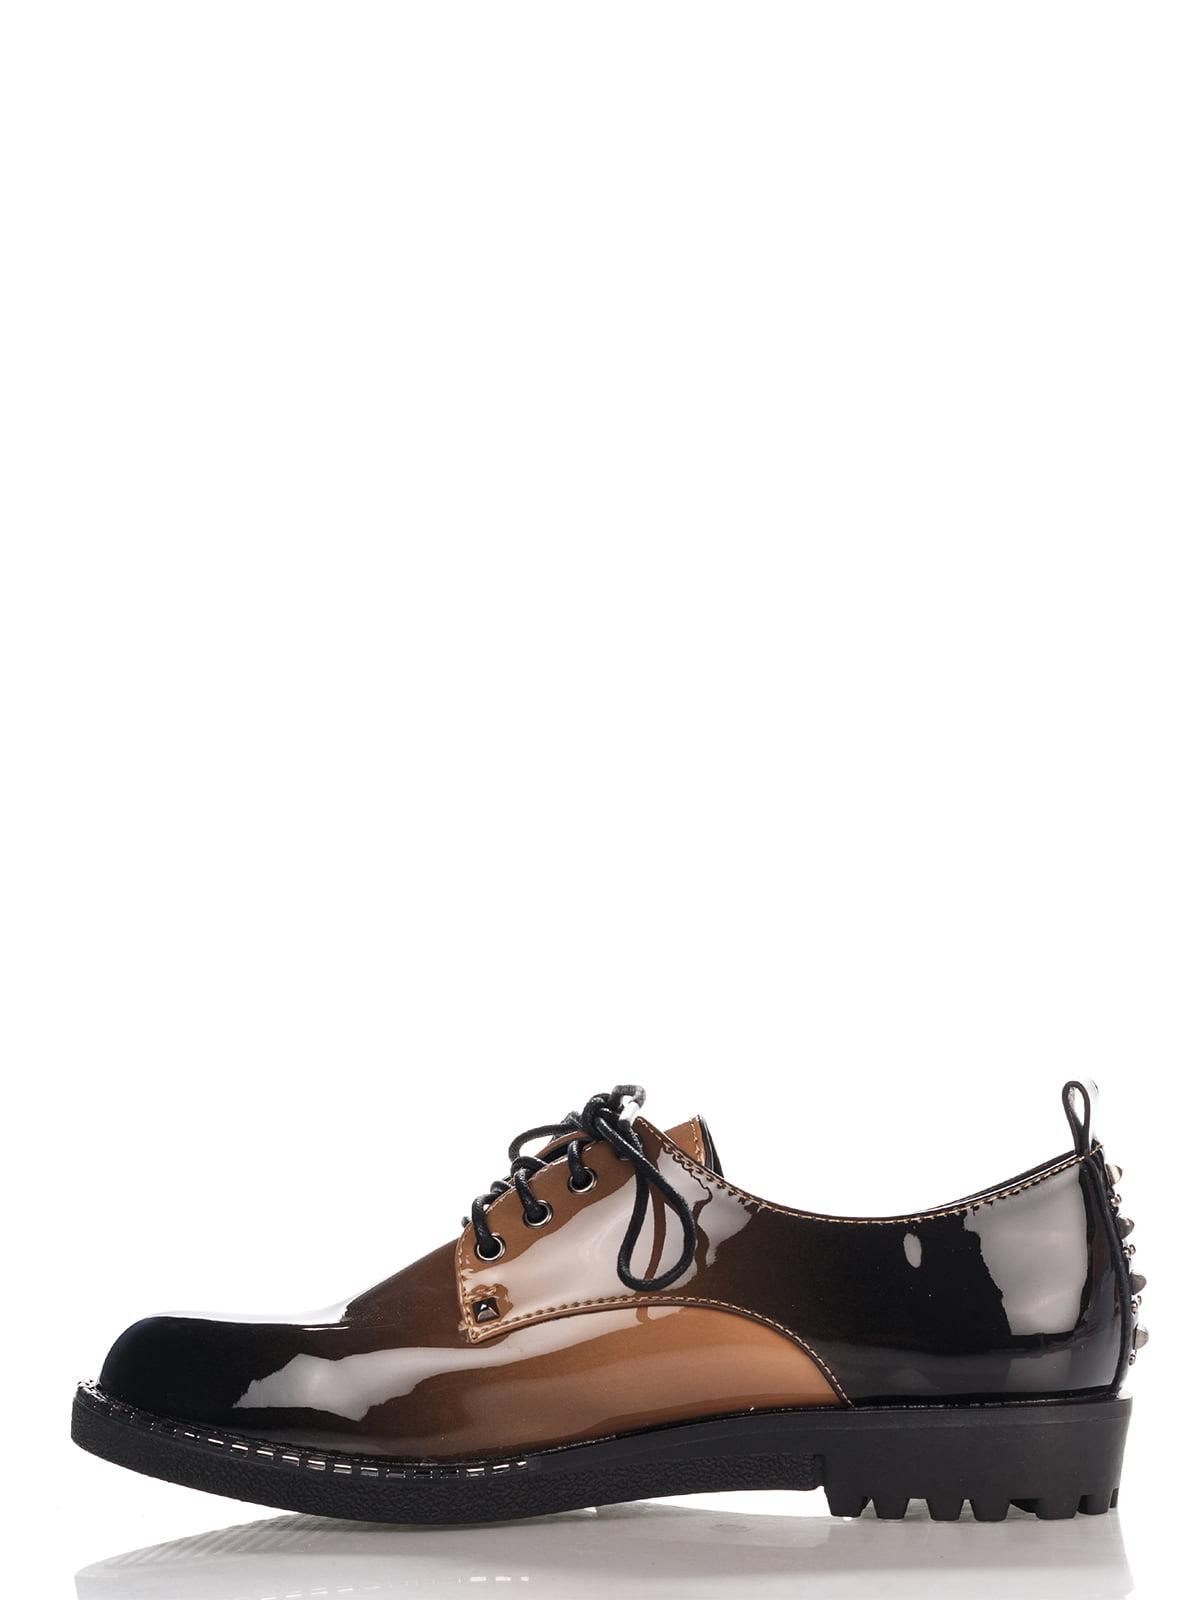 Туфли темно-коричневые | 4306393 | фото 2